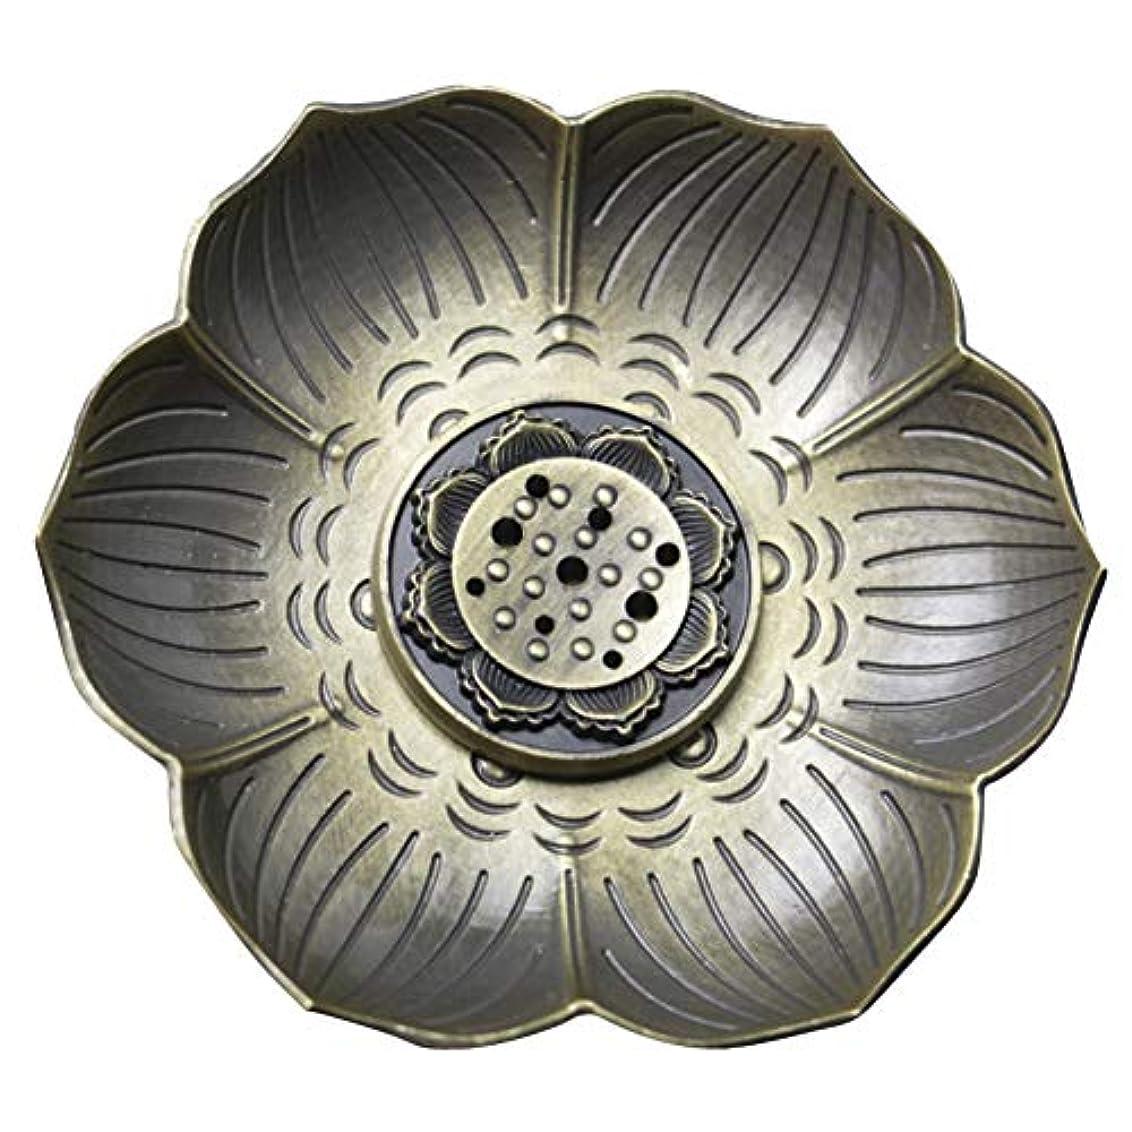 急襲信者準拠(イスイ)YISHUI 線香立 線香皿 香皿 香立て お香用具 お線香用可 アロマ香炉 梅の花 さくらHP0134 (梅の花B)